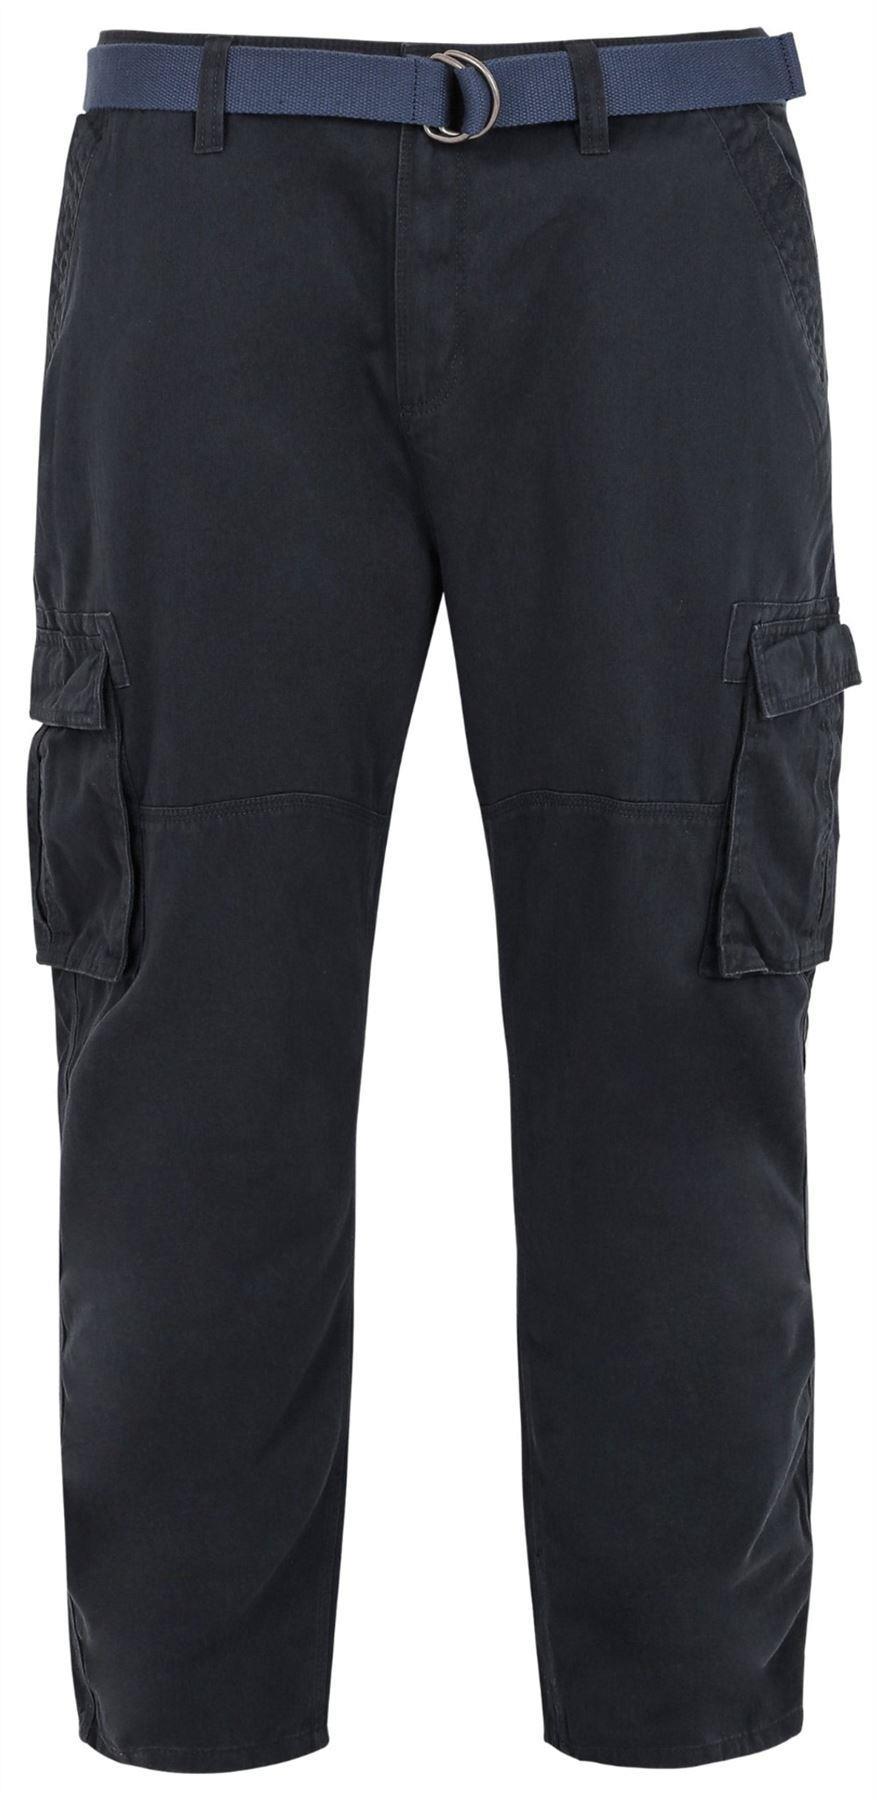 Bad Rhino Cargo Trousers - Navy|54W30L